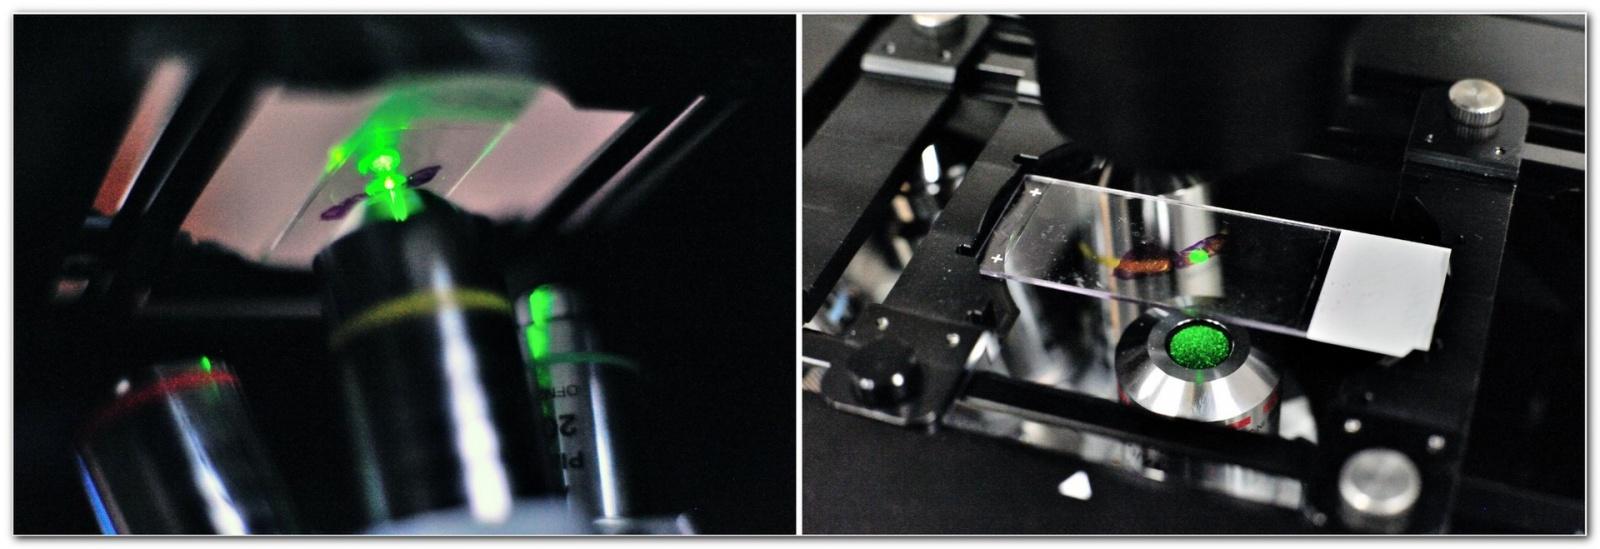 «Диагностировать рак поможет лазер», или Как устроен лазерный флуоресцентный гиперспектральный микроскоп - 17